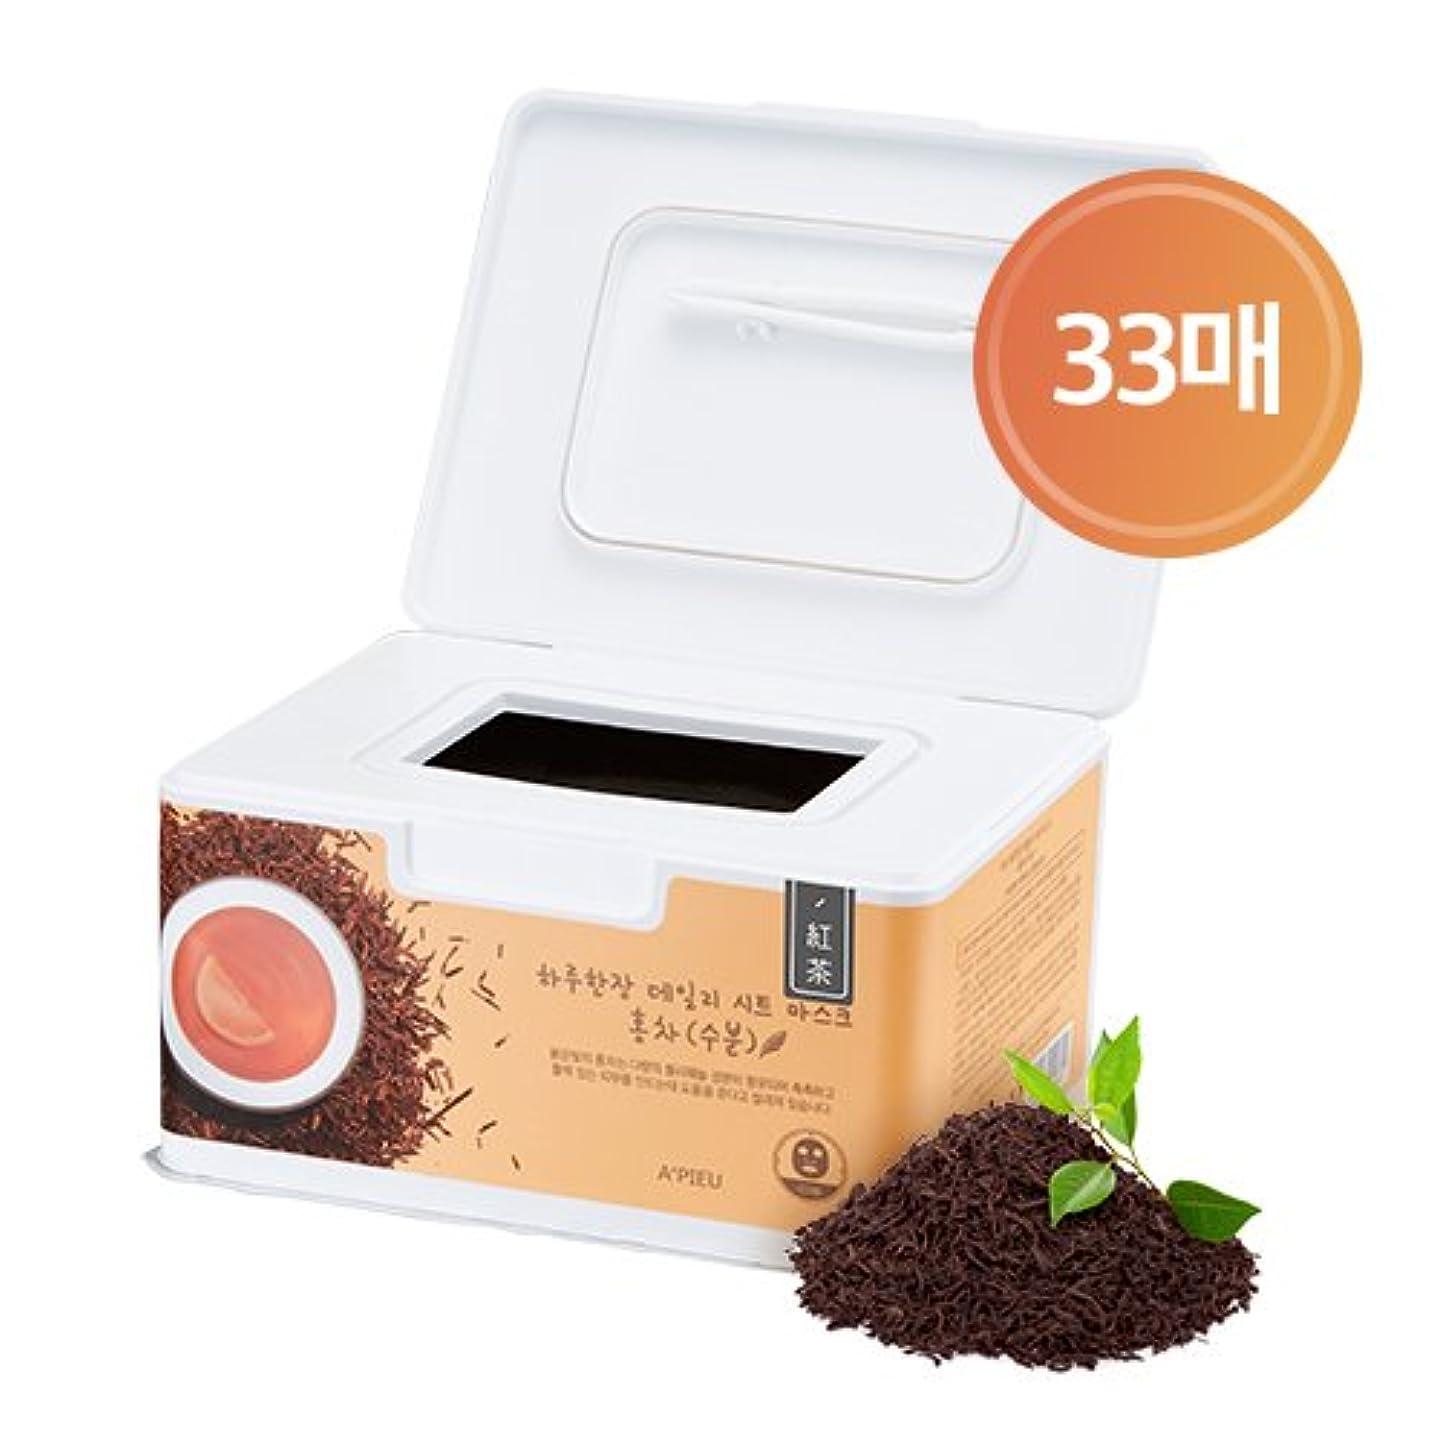 構造評価議論するAPIEU DAILY Sheet Mask _ Black Tea (Hydrating) / [オピュ/アピュ] デイリーシートマスク_紅茶(ハイドレーティング) [並行輸入品]